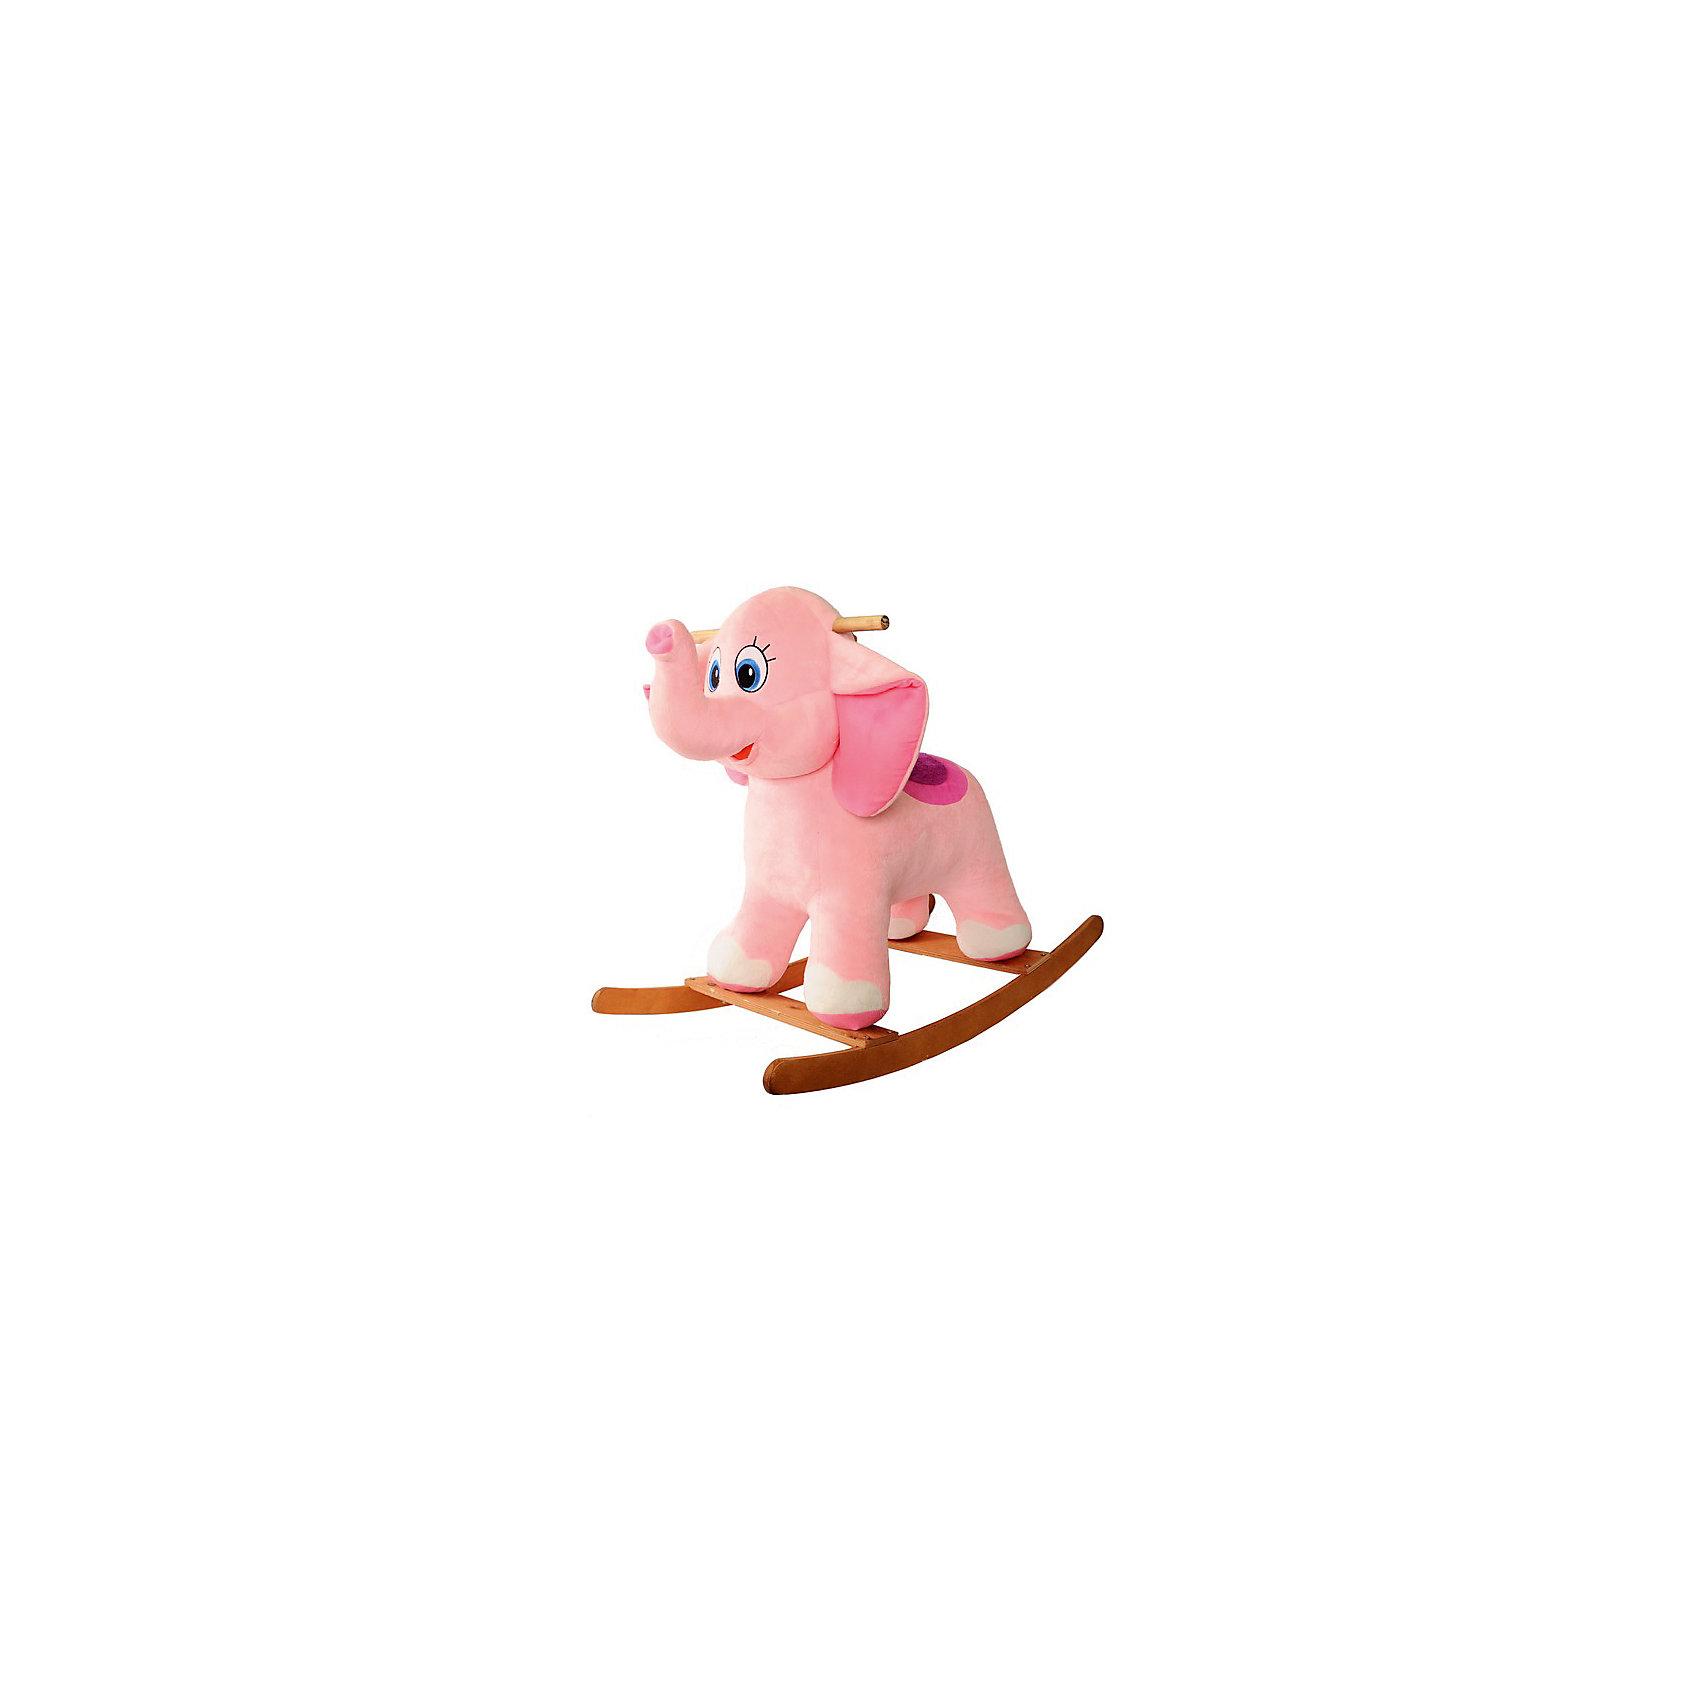 СмолТойс Слоник-качалка розовый, СмолТойс